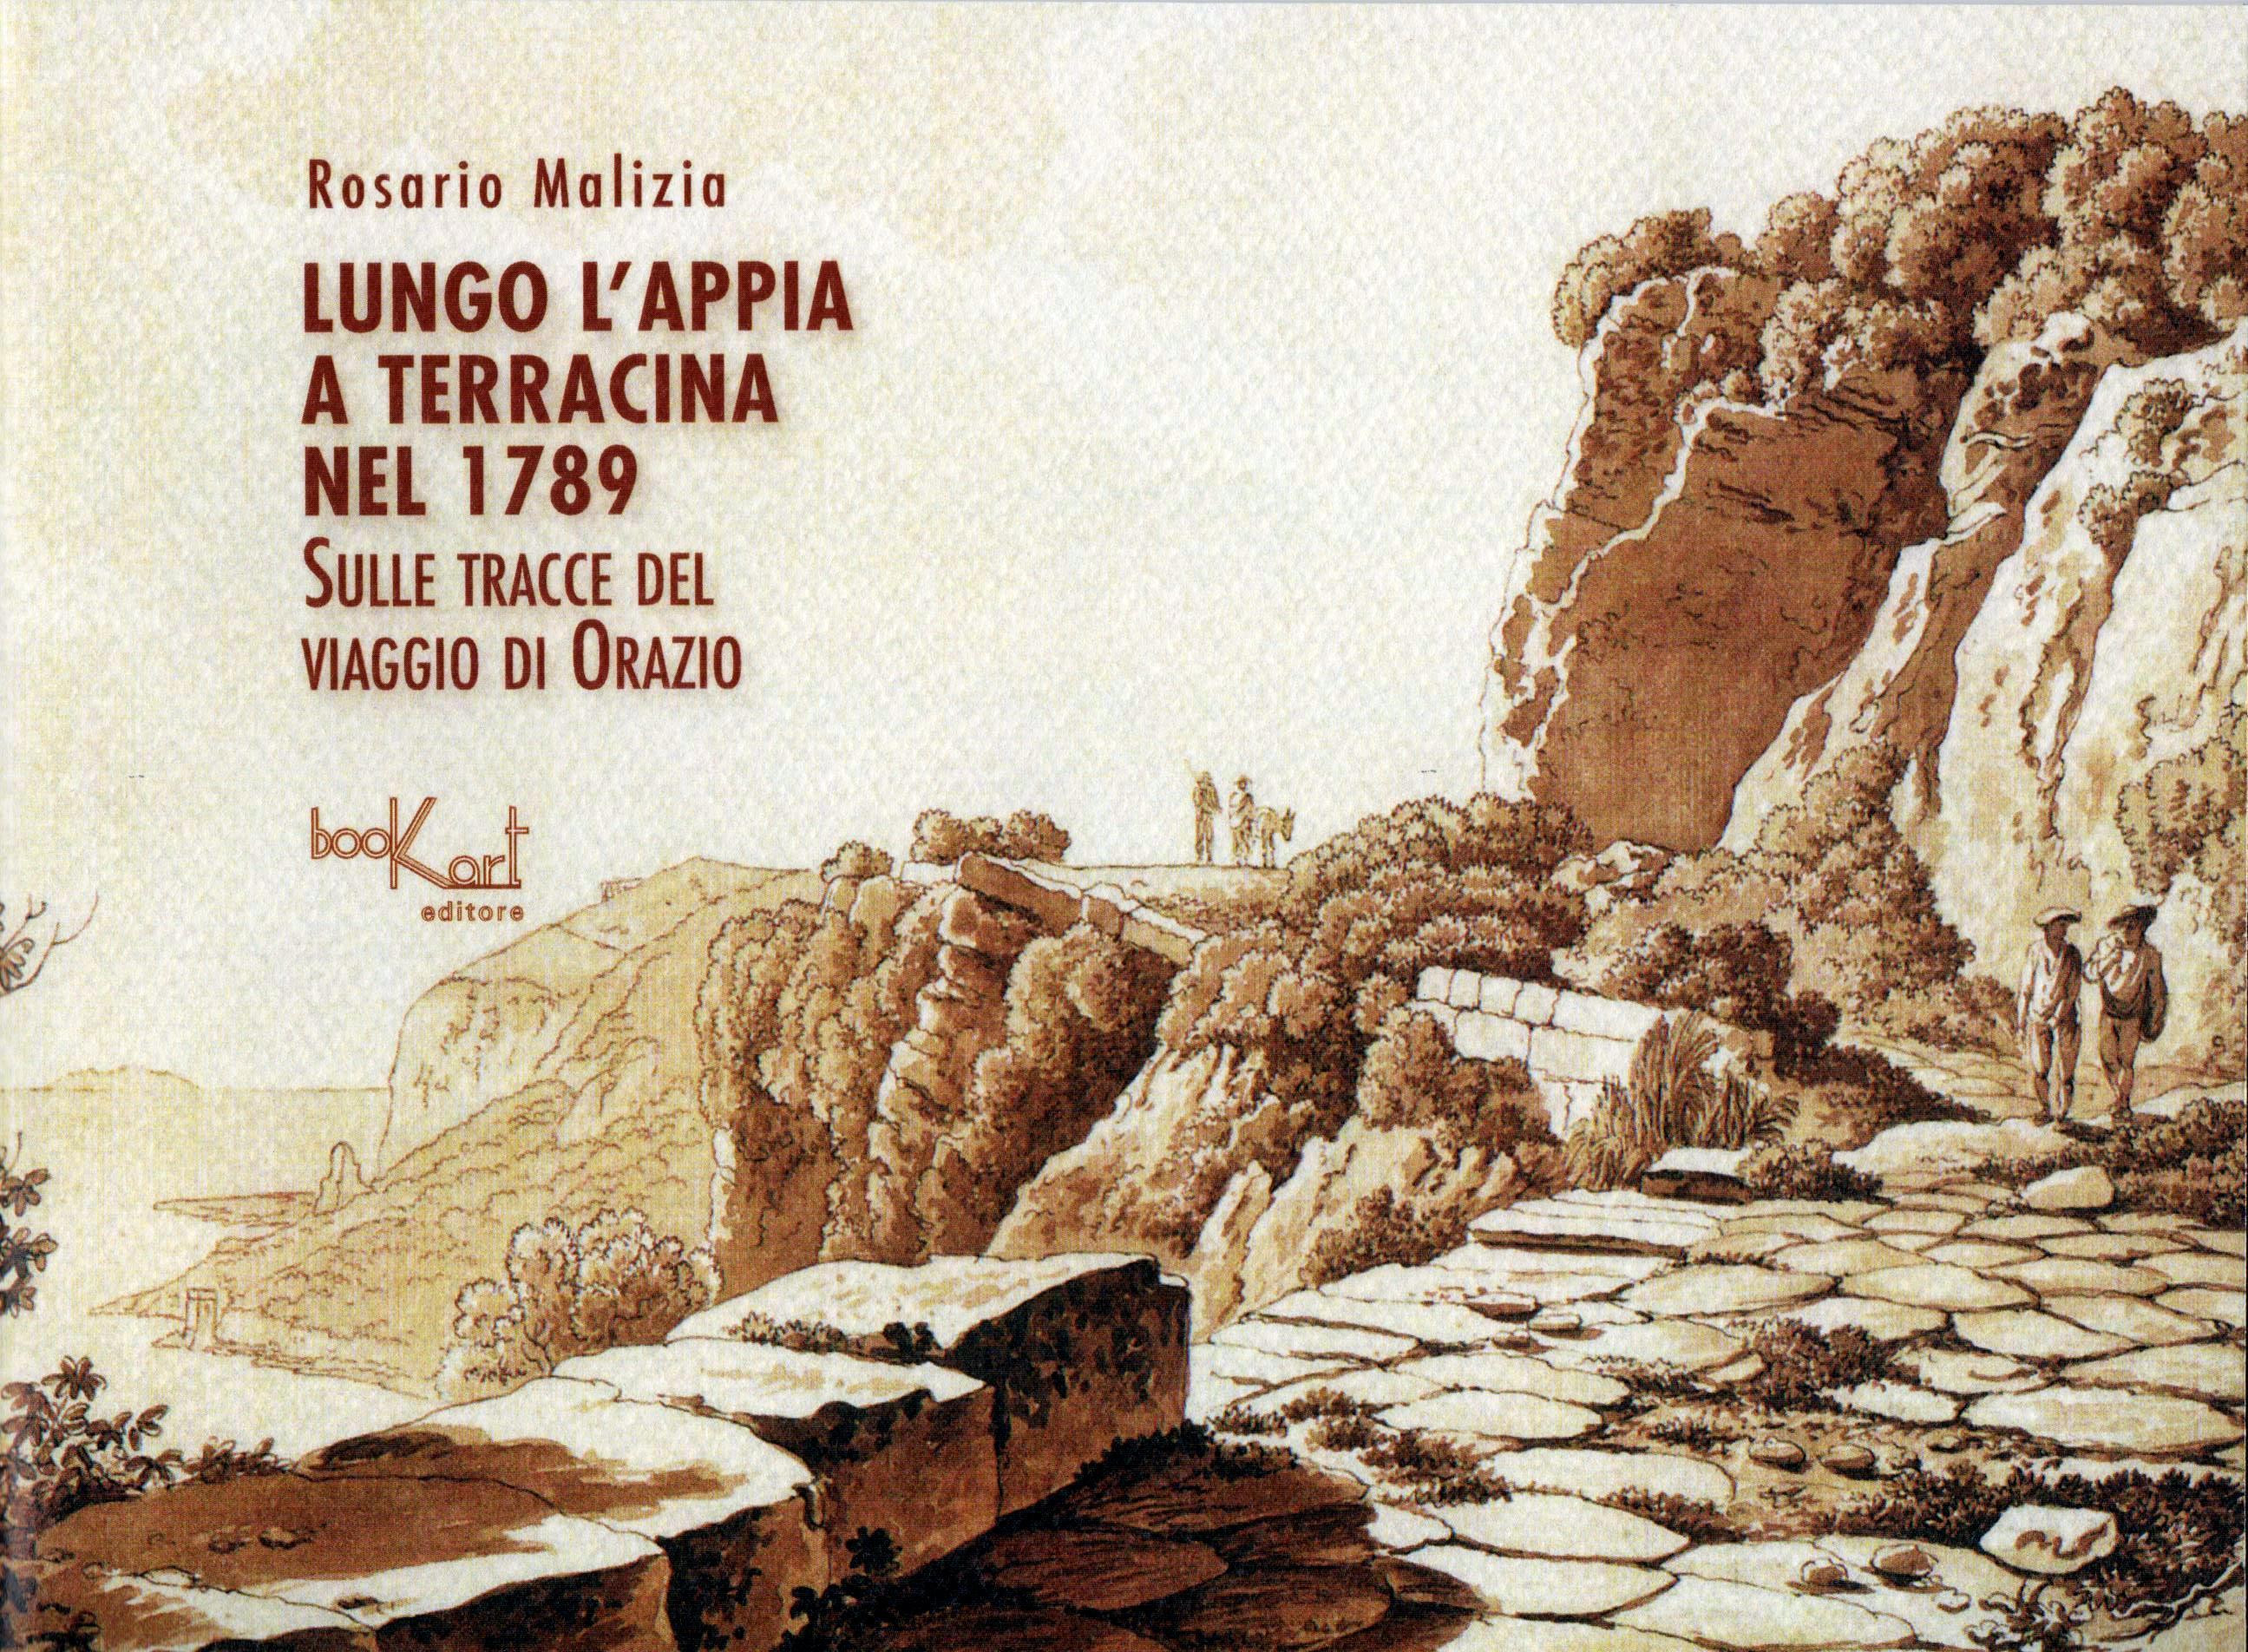 Lungo l'Appia a Terracina nel 1789. Sulle tracce del viaggio di Orazio